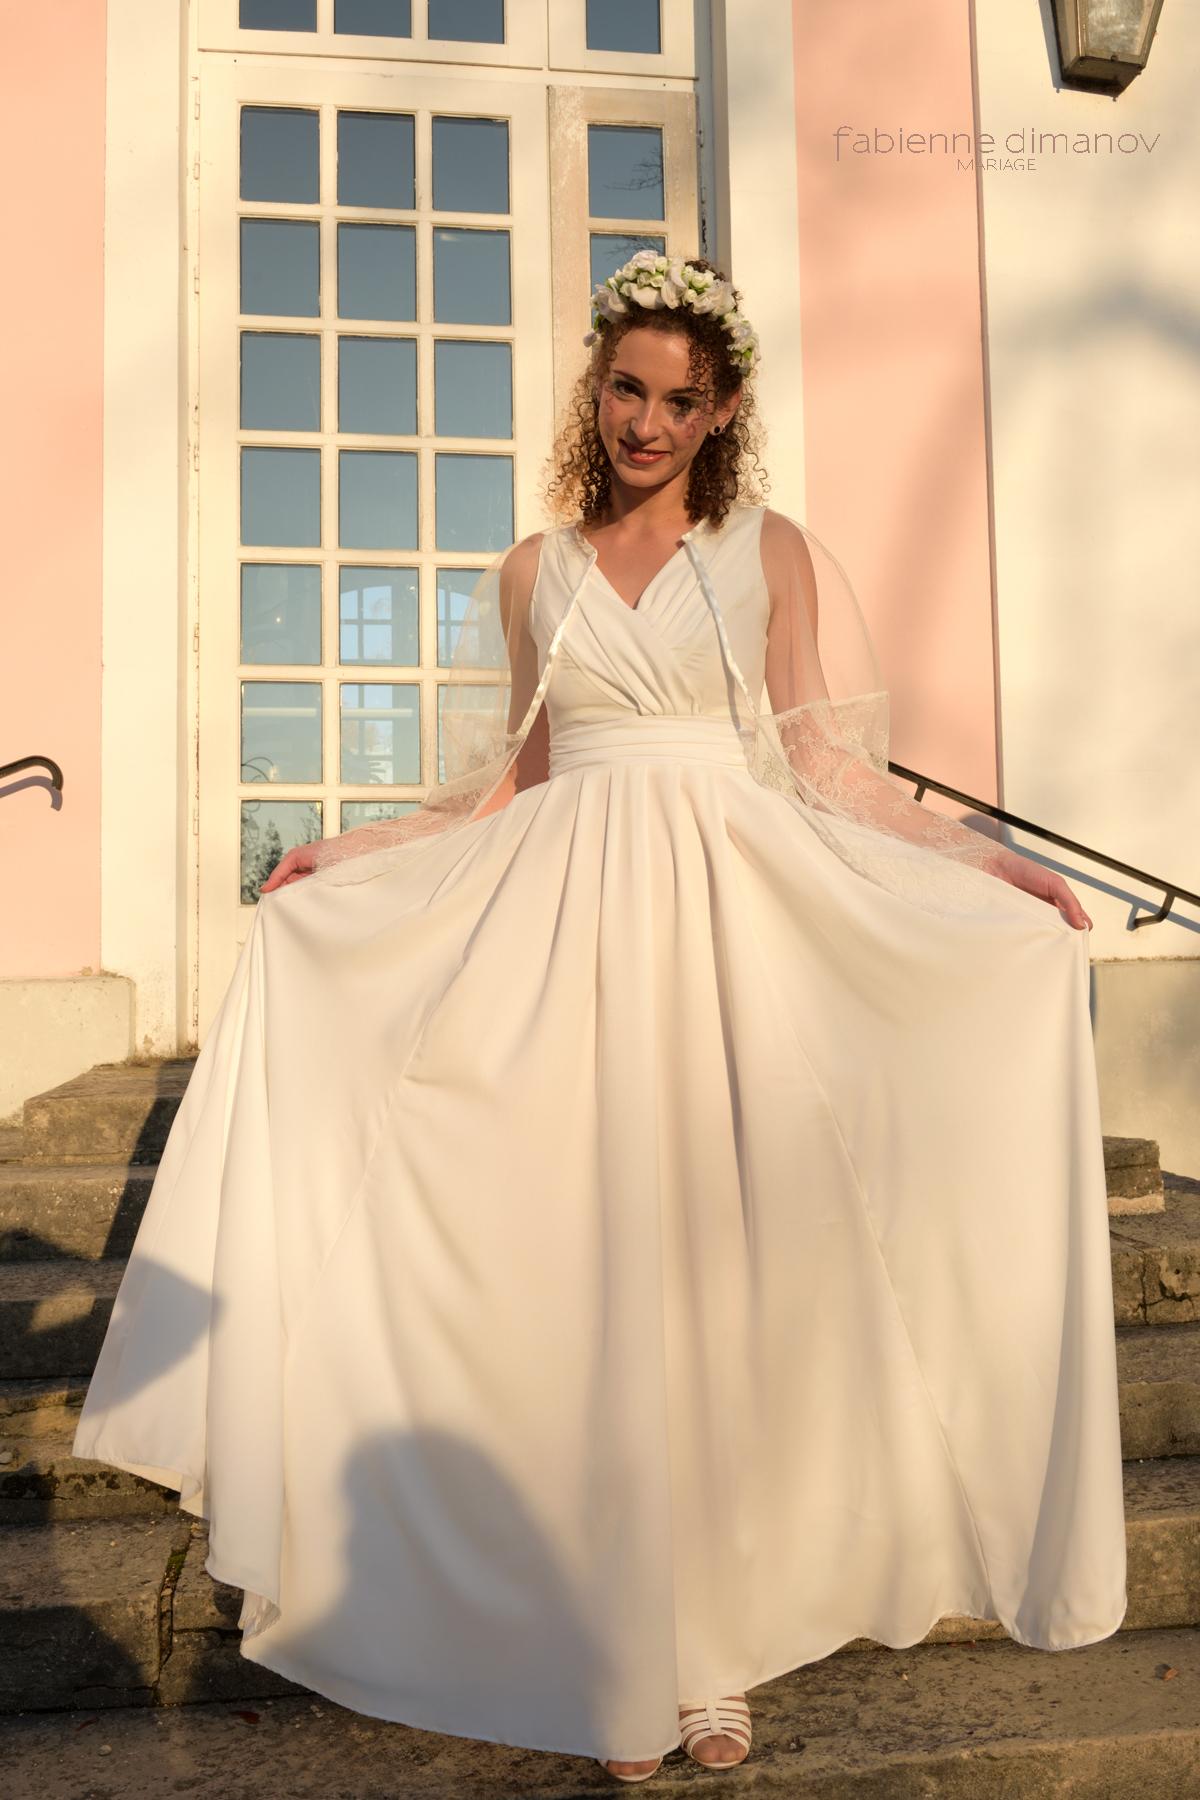 Vestale - L'Amour est Eternel - Fabienne Dimanov Mariage